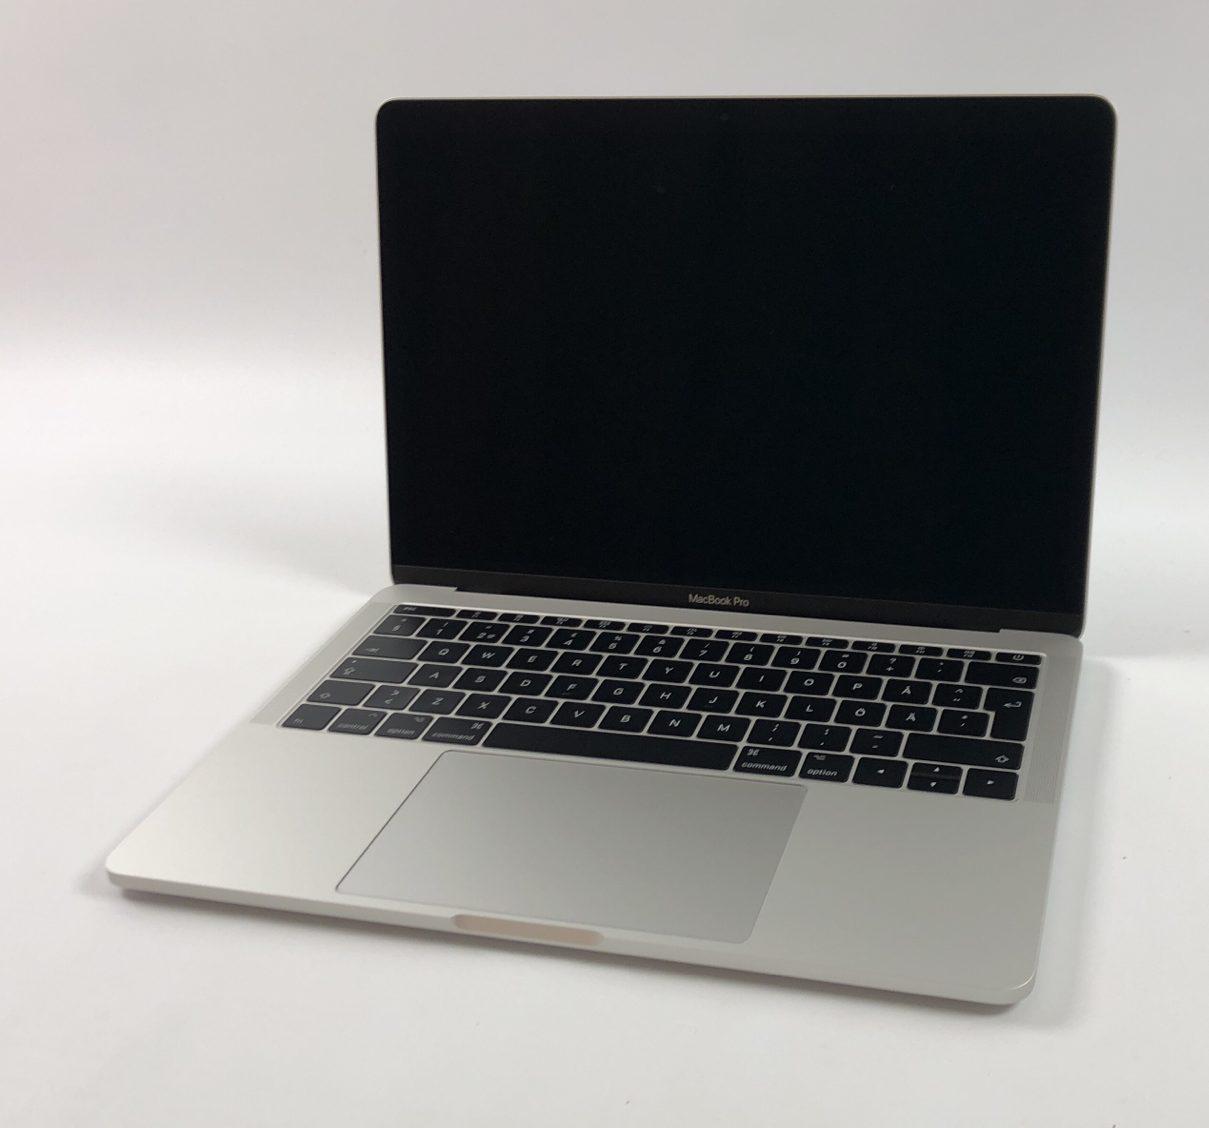 """MacBook Pro 13"""" 2TBT Mid 2017 (Intel Core i5 2.3 GHz 8 GB RAM 256 GB SSD), Silver, Intel Core i5 2.3 GHz, 8 GB RAM, 256 GB SSD, Kuva 1"""